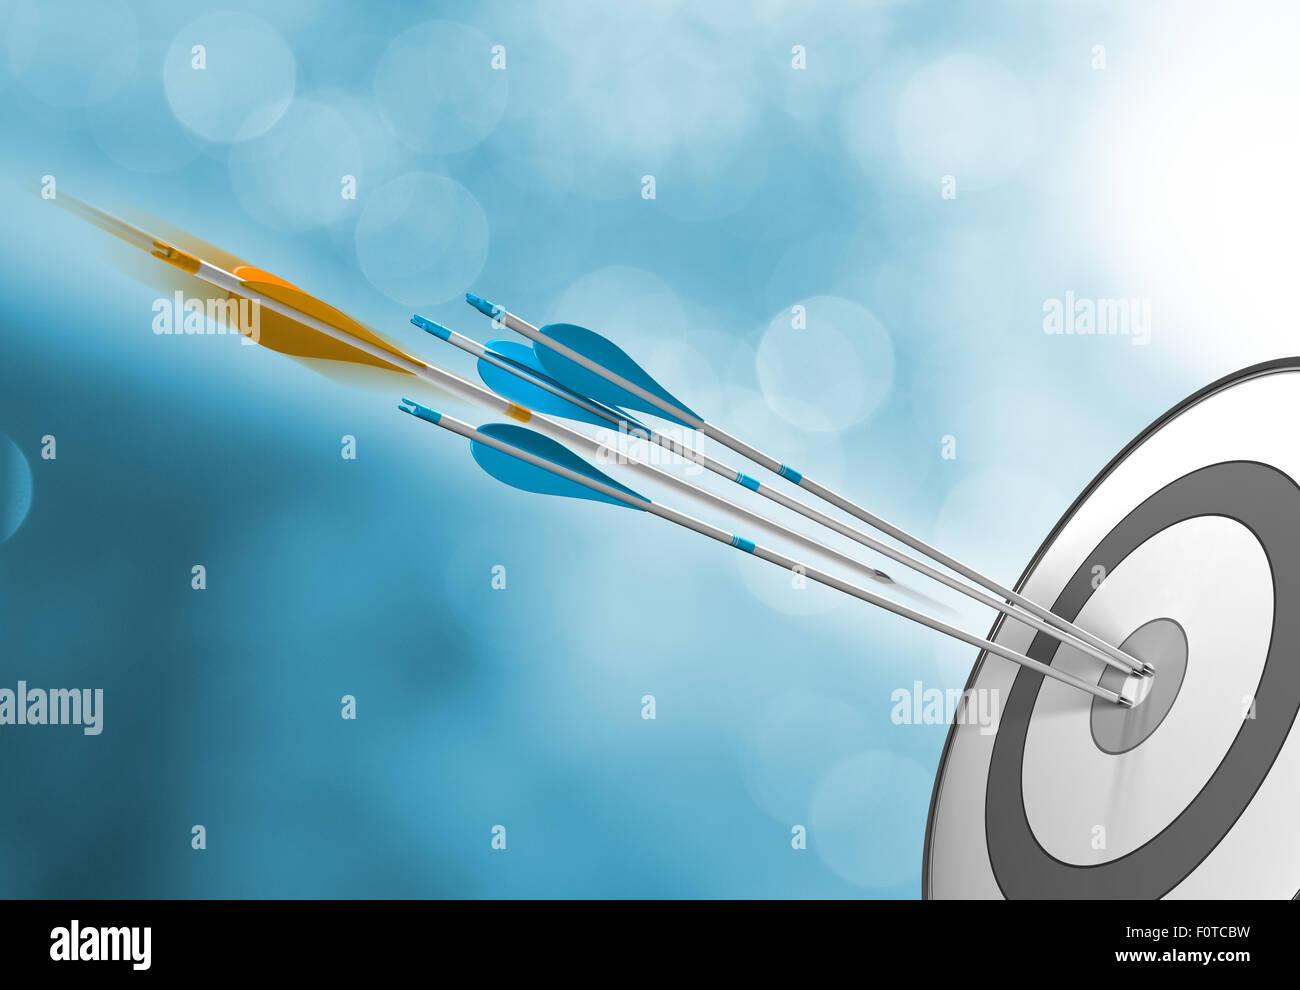 Tres flechas azules golpeando target center, además de una naranja en movimiento por golpear la diana. Imagen Imagen De Stock